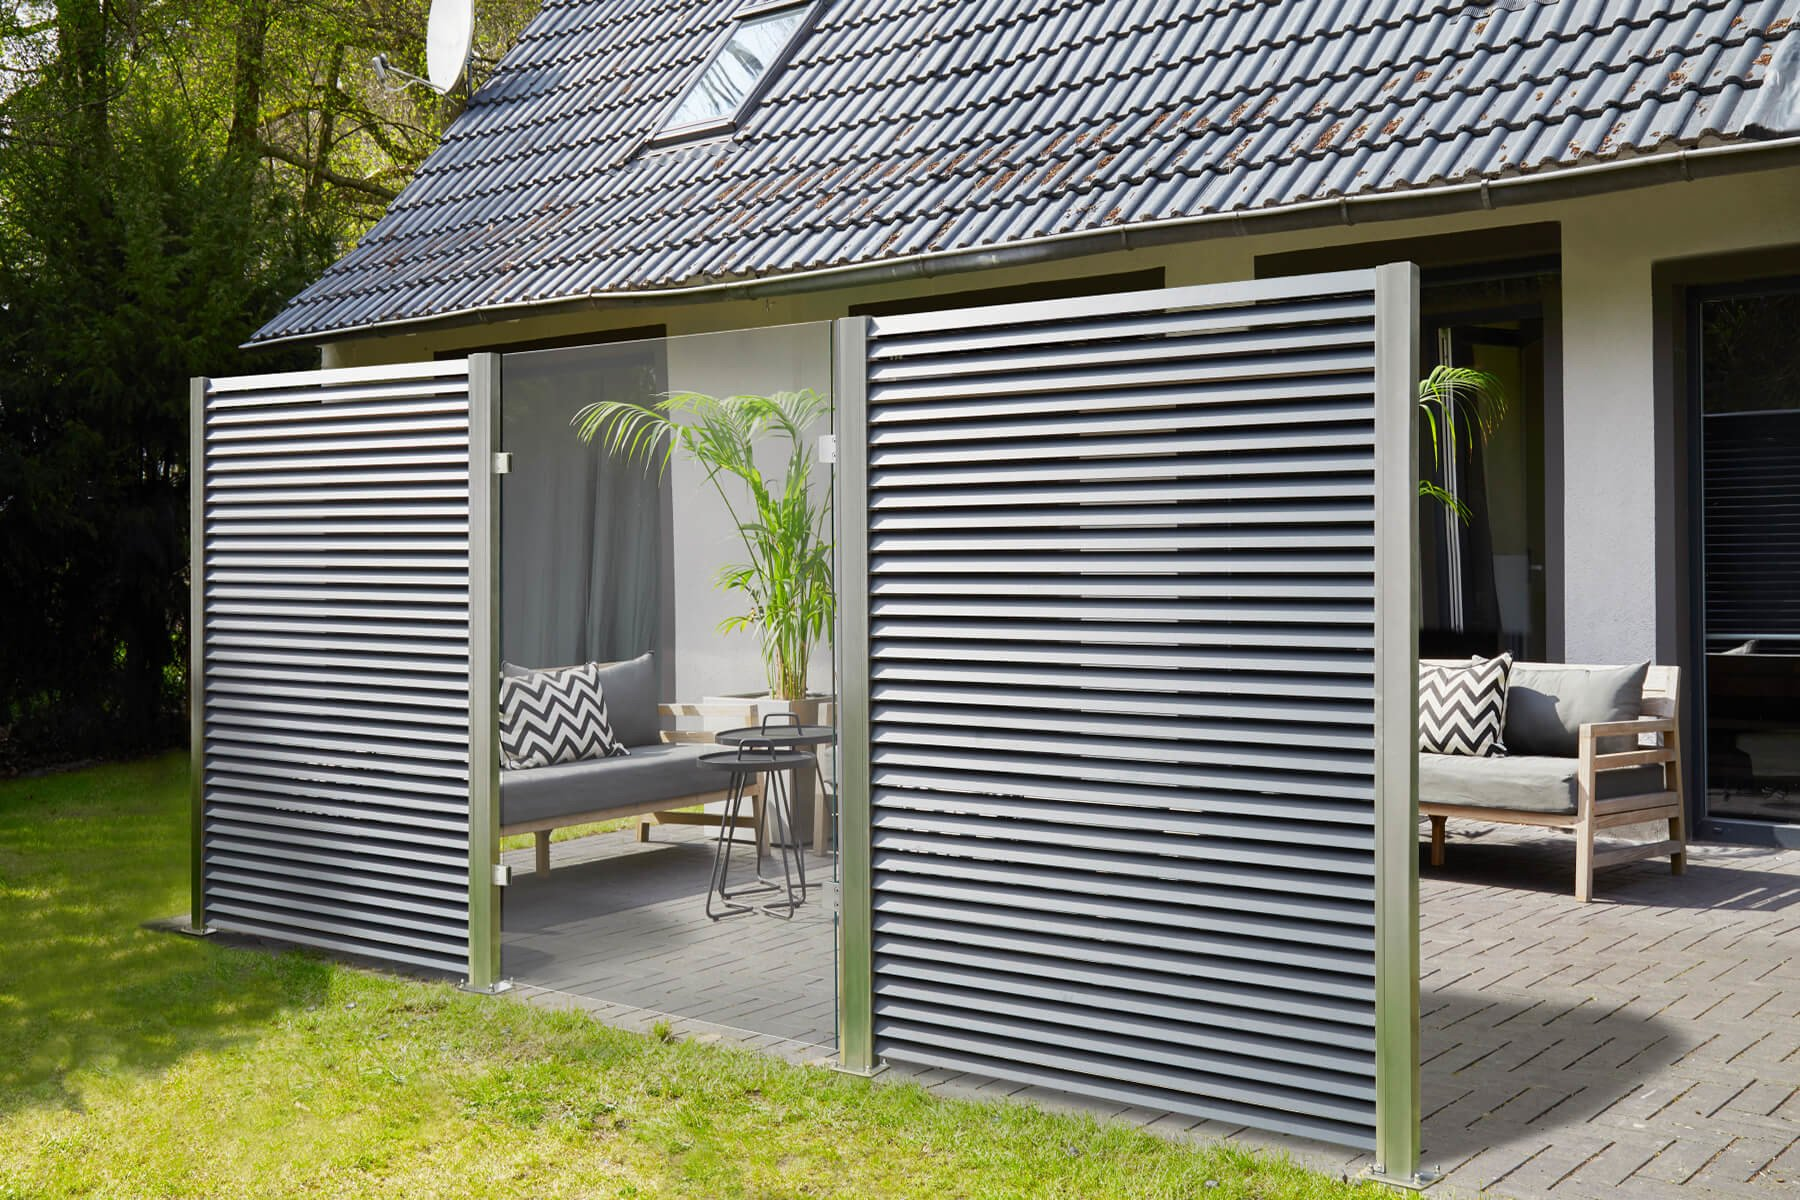 Lamellenzaun Porto kombinierbar mit verschiedenen Elementen Glas Corten oder Gabionen ein Highlight für jede Terrasse oder Garten